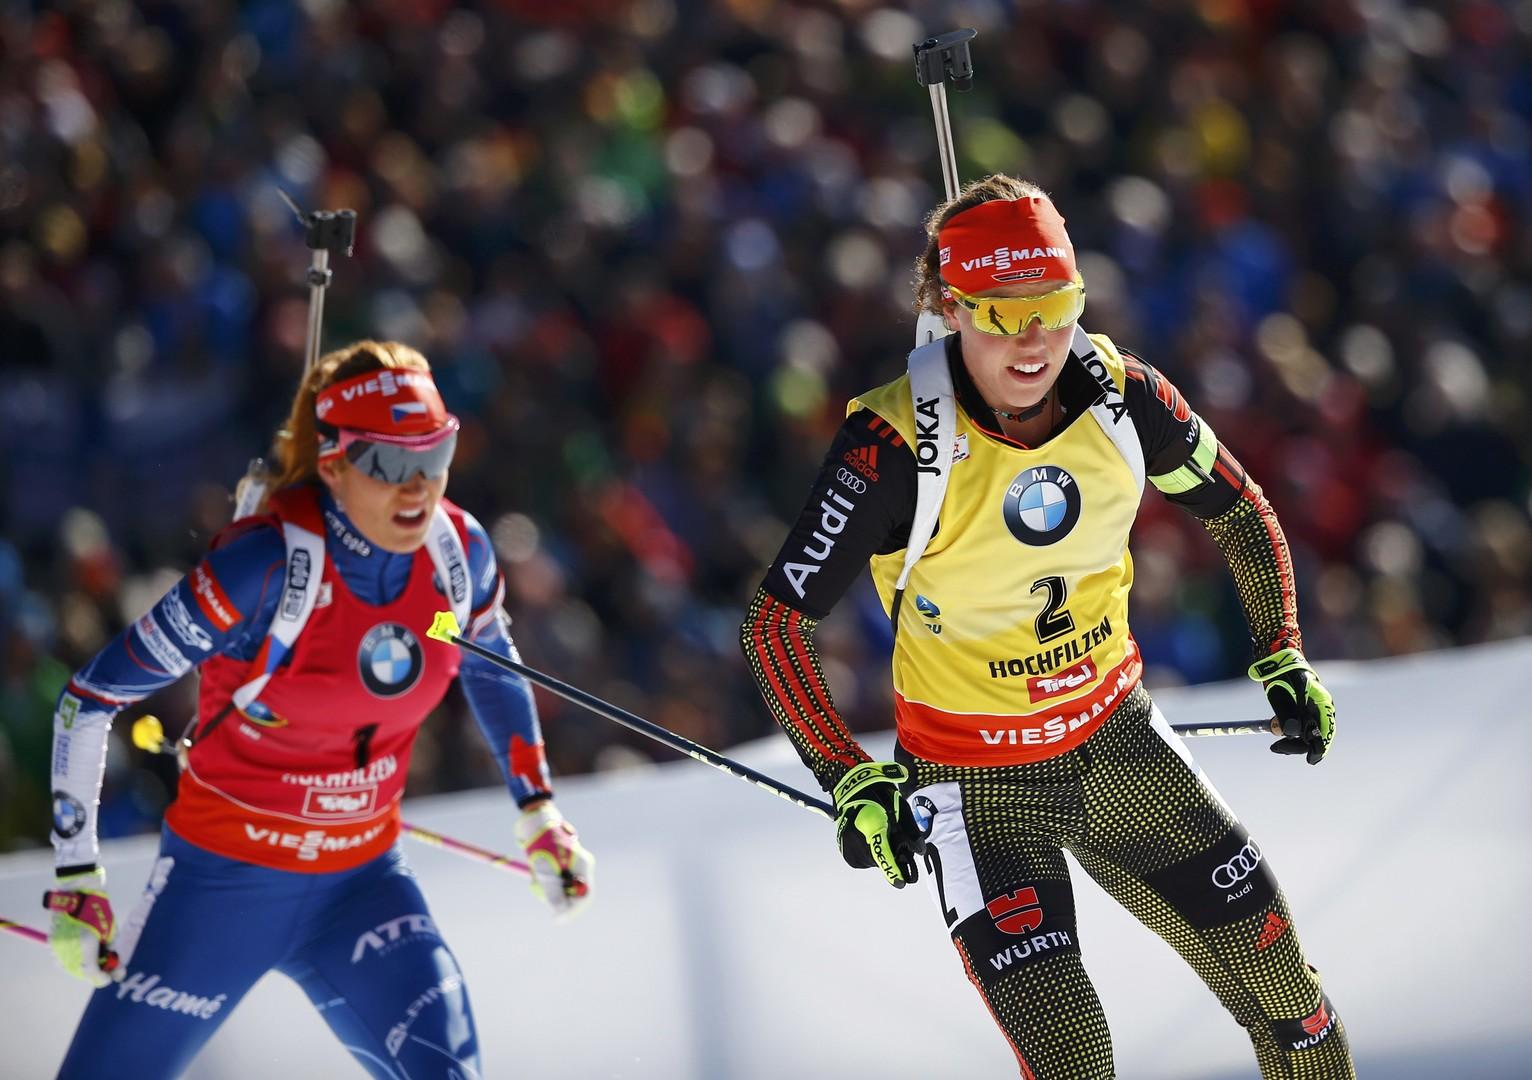 Пятикратная Дальмайер: немка выиграла очередное золото ЧМ по биатлону в Хохфильцене